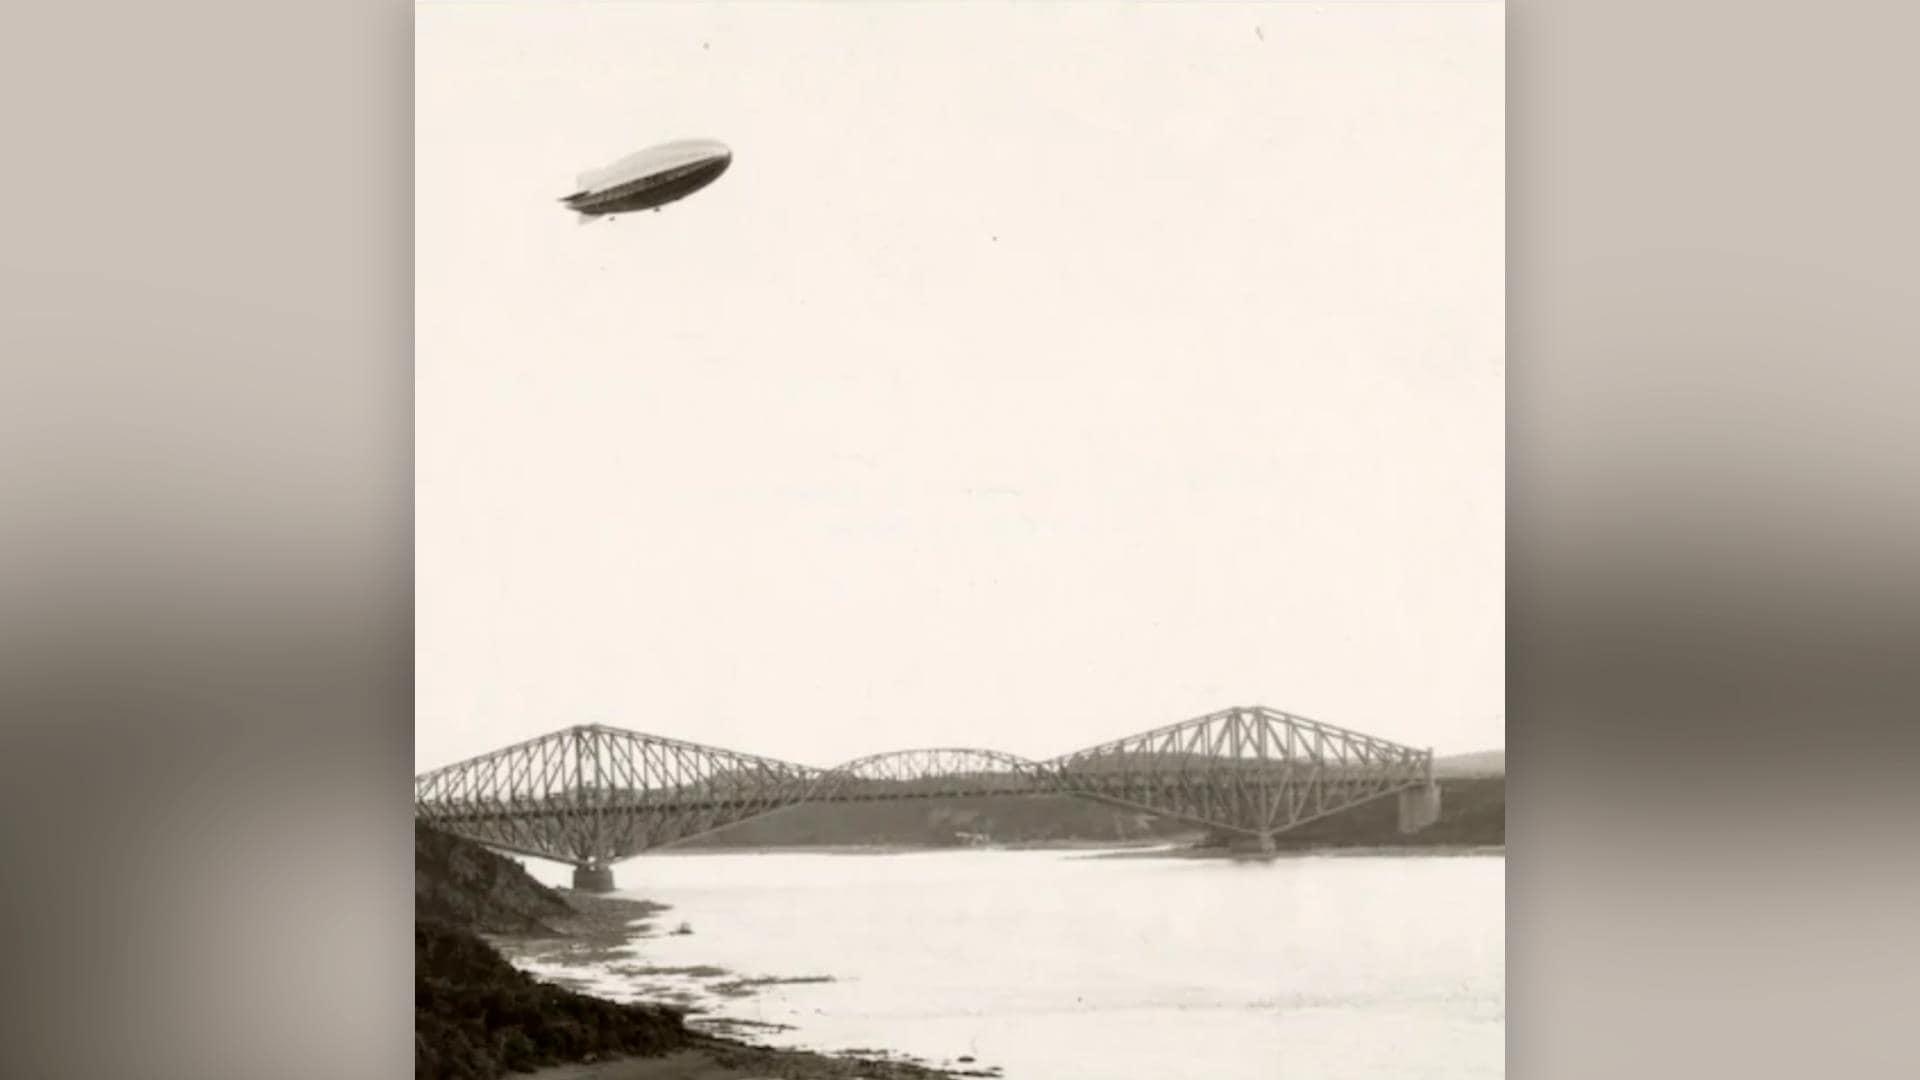 Le dirigeable R-100 passe au-dessus d'un pont de Québec apparemment désert, en route pour l'Angleterre.